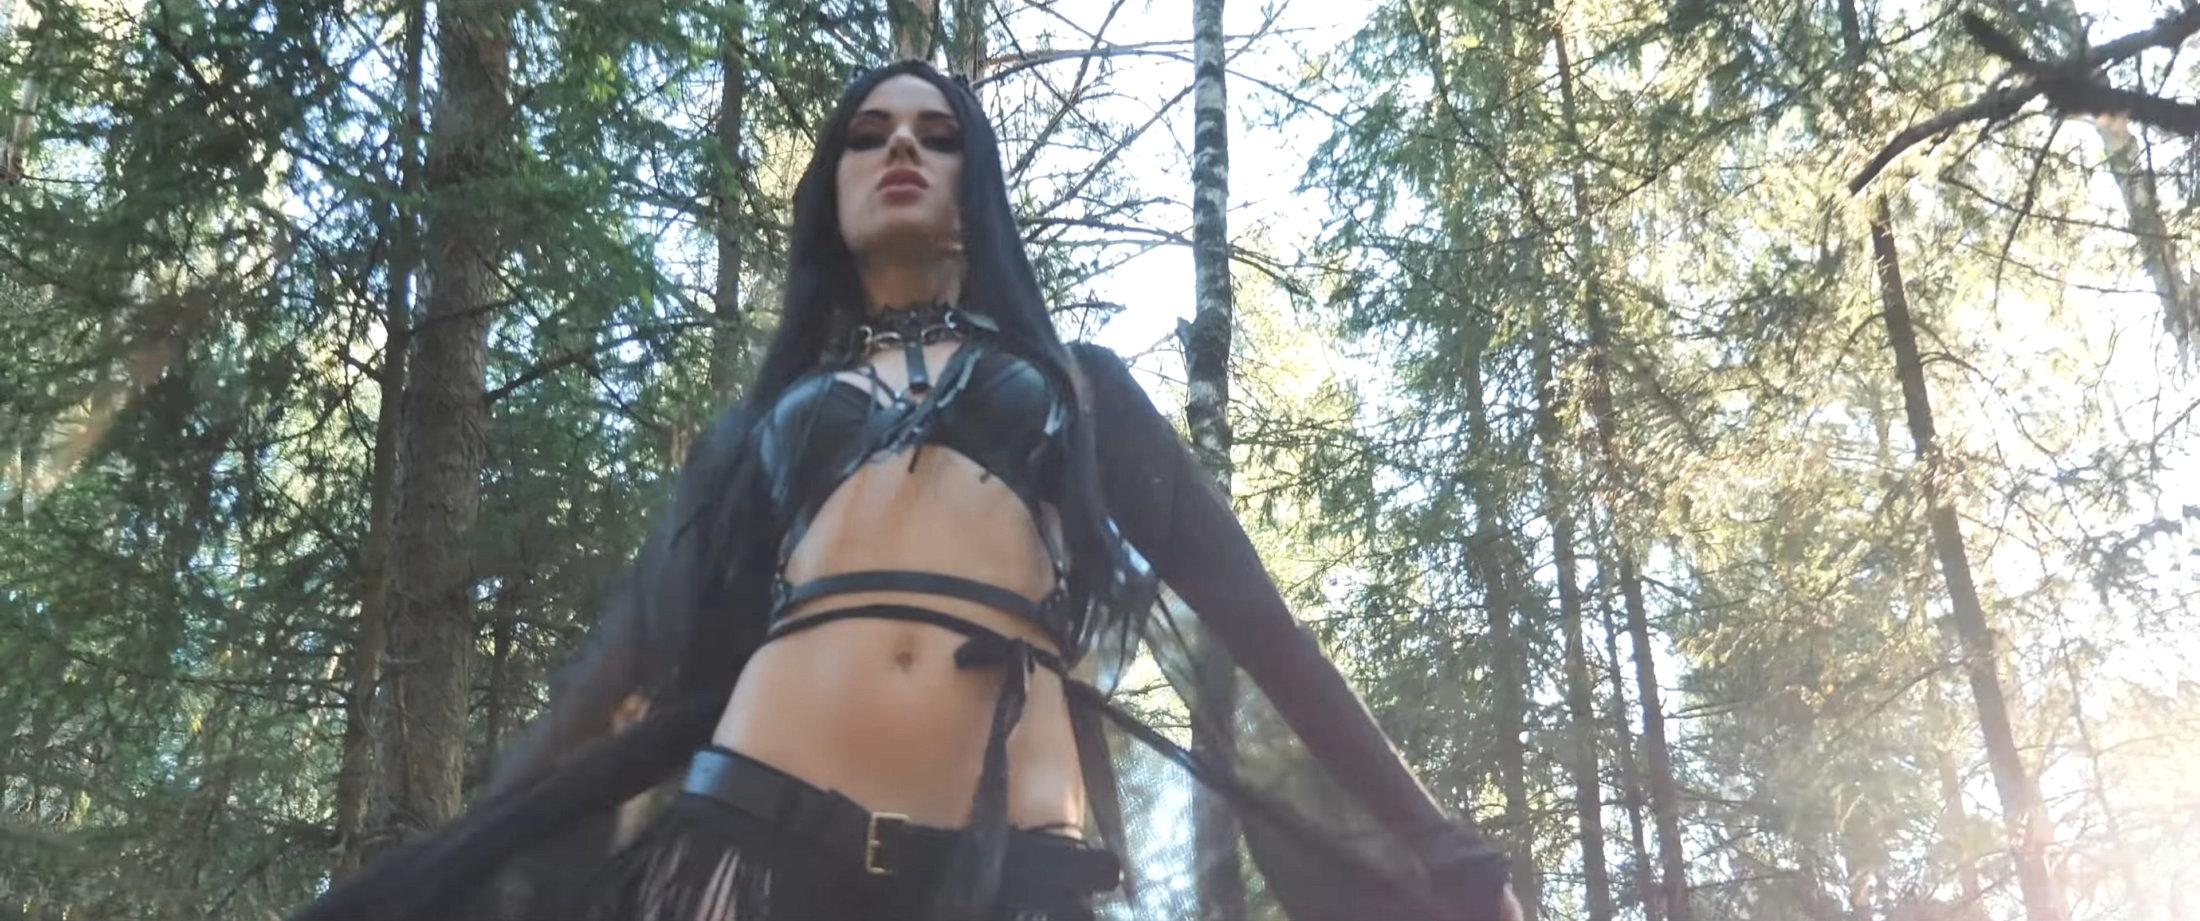 OMNIMAR - Feels Like Velvet (Official Video) 1-49 Screenshot